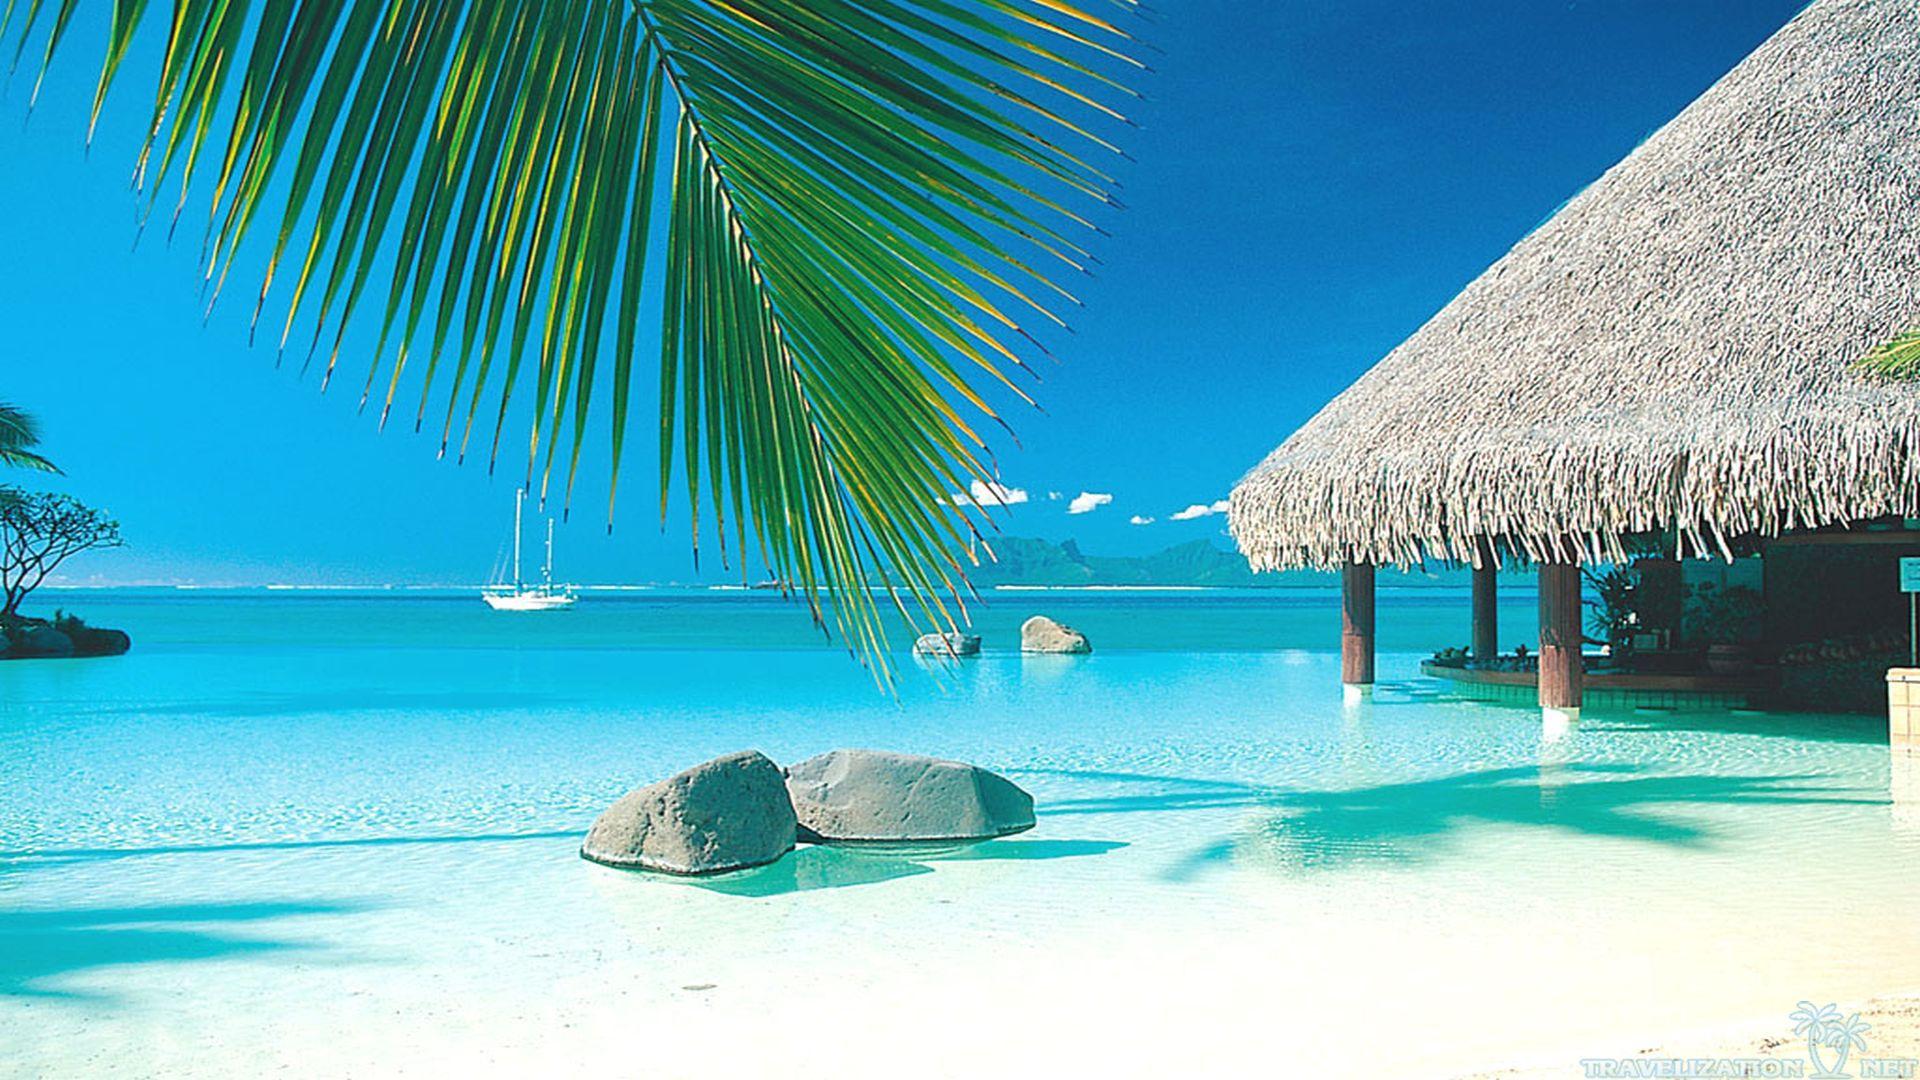 Tropical Paradise Beach Hd Wallpaper For Nexus 7 Screens: Tahiti Wallpaper HD